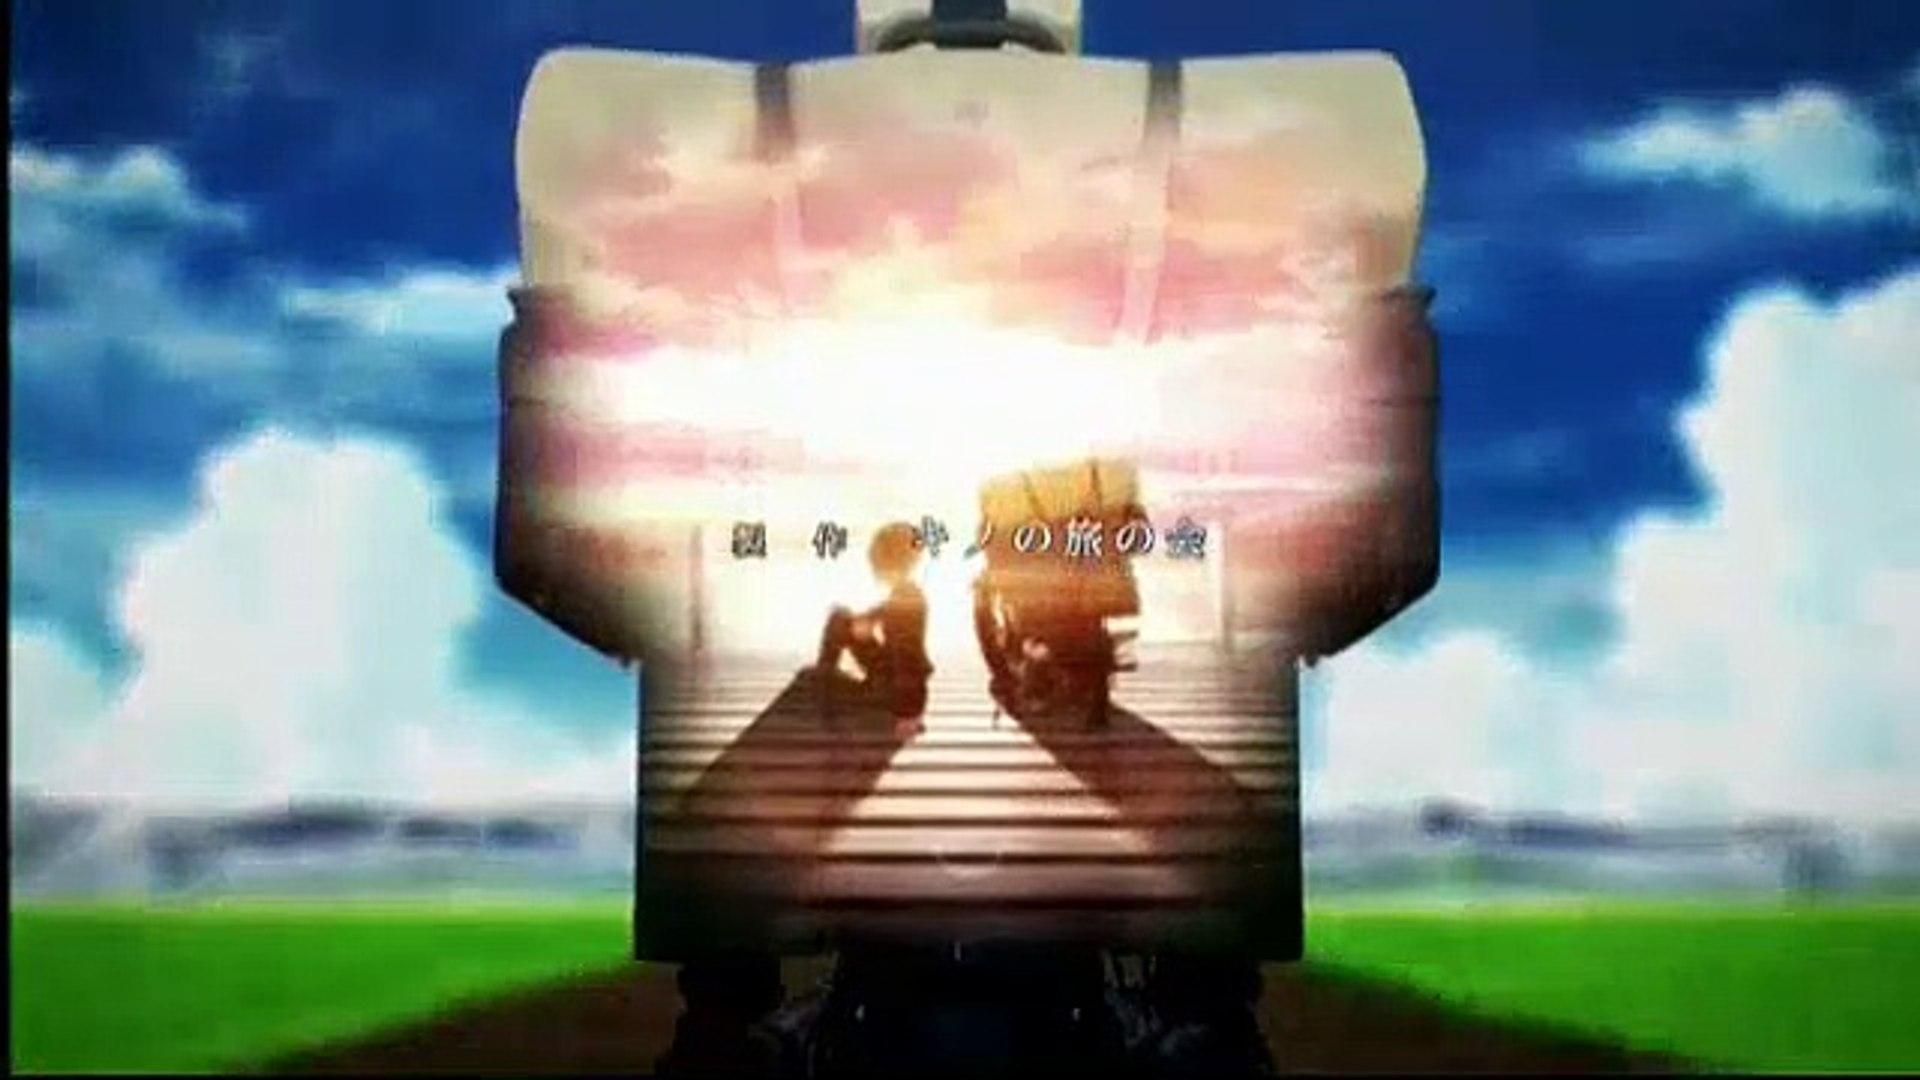 キノの旅 -the Beautiful World- the Animated Series 07 - Kino no Tabi: The Beautiful World - The Animated